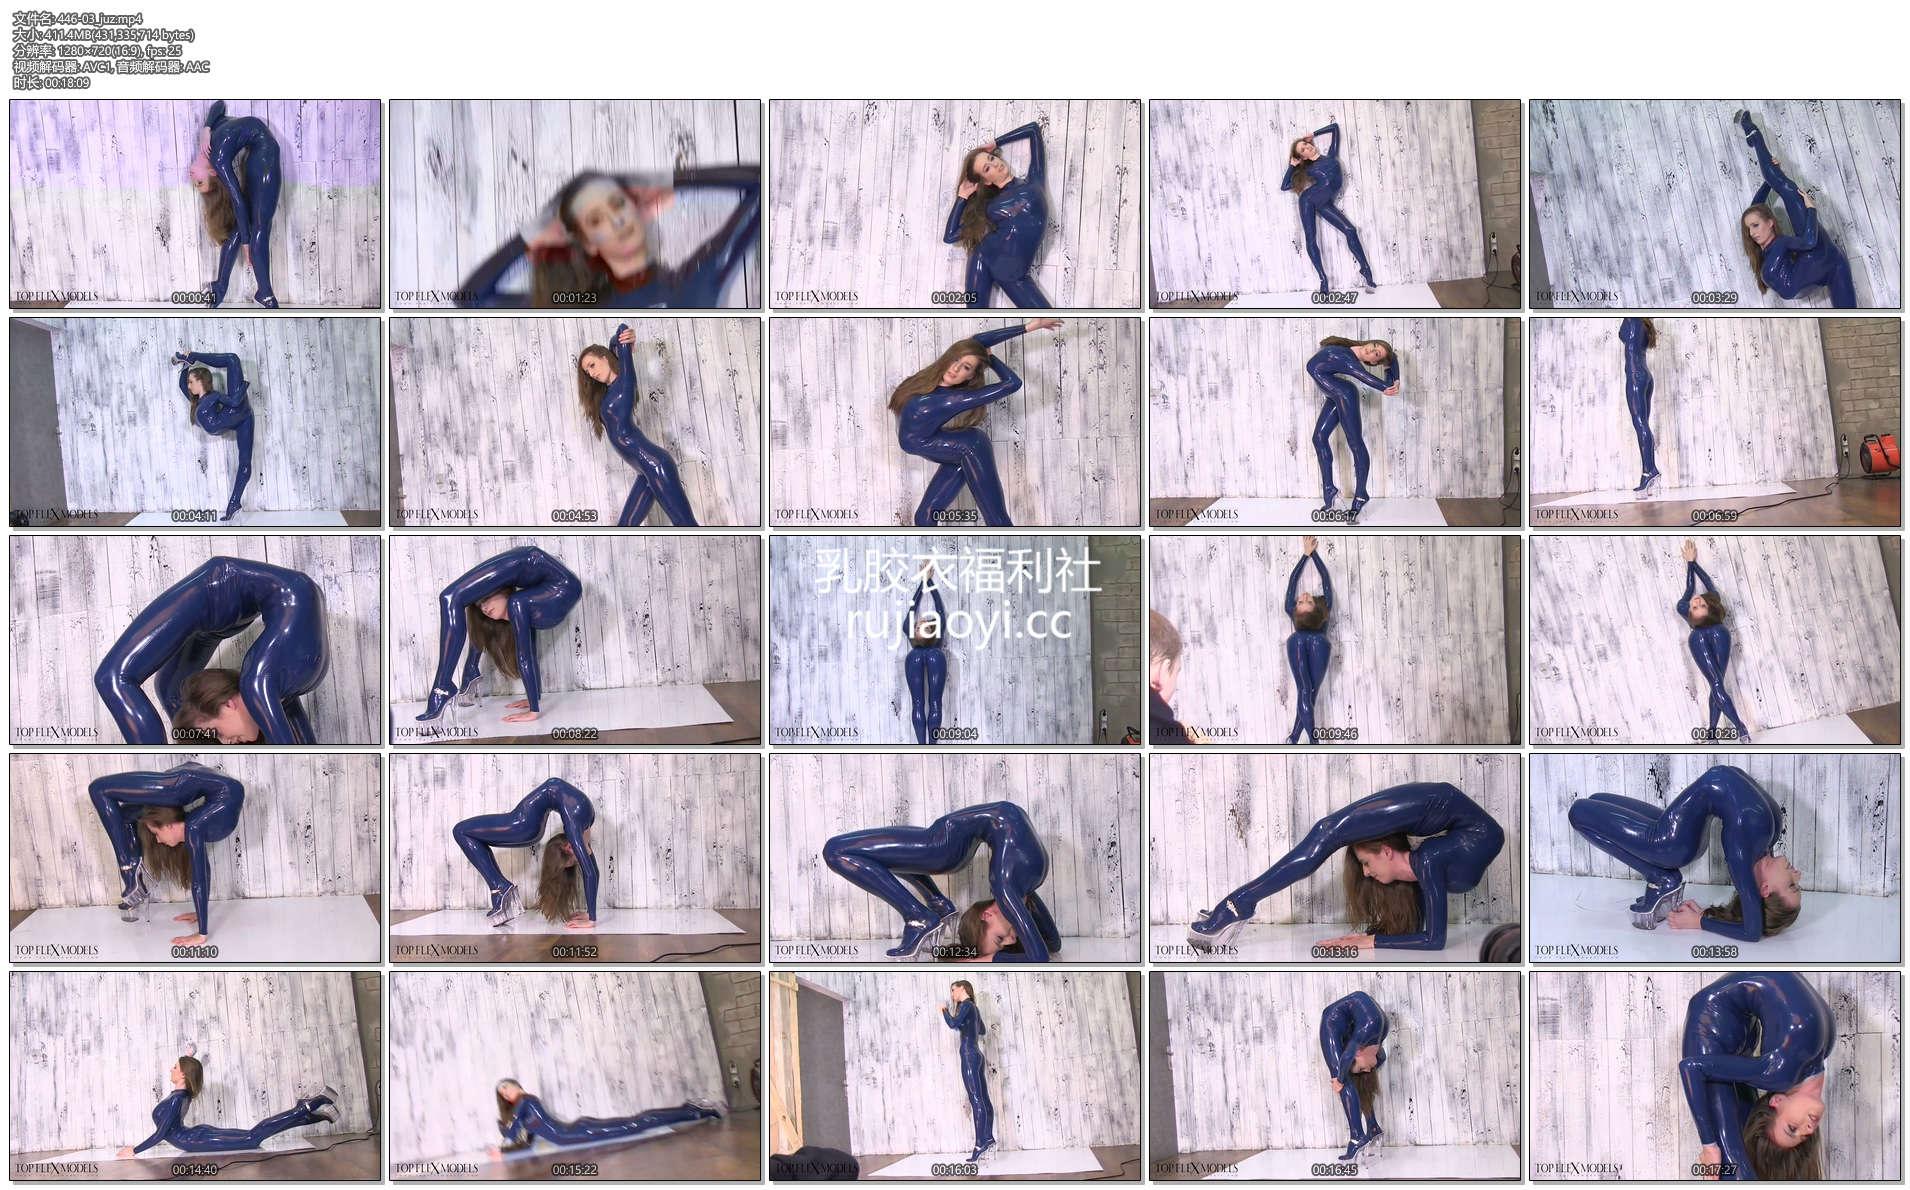 [永V专享-独家精品乳胶衣视频] 高跟乳胶衣少女高难度姿势拍摄-720p高清视频 [1V/411M]